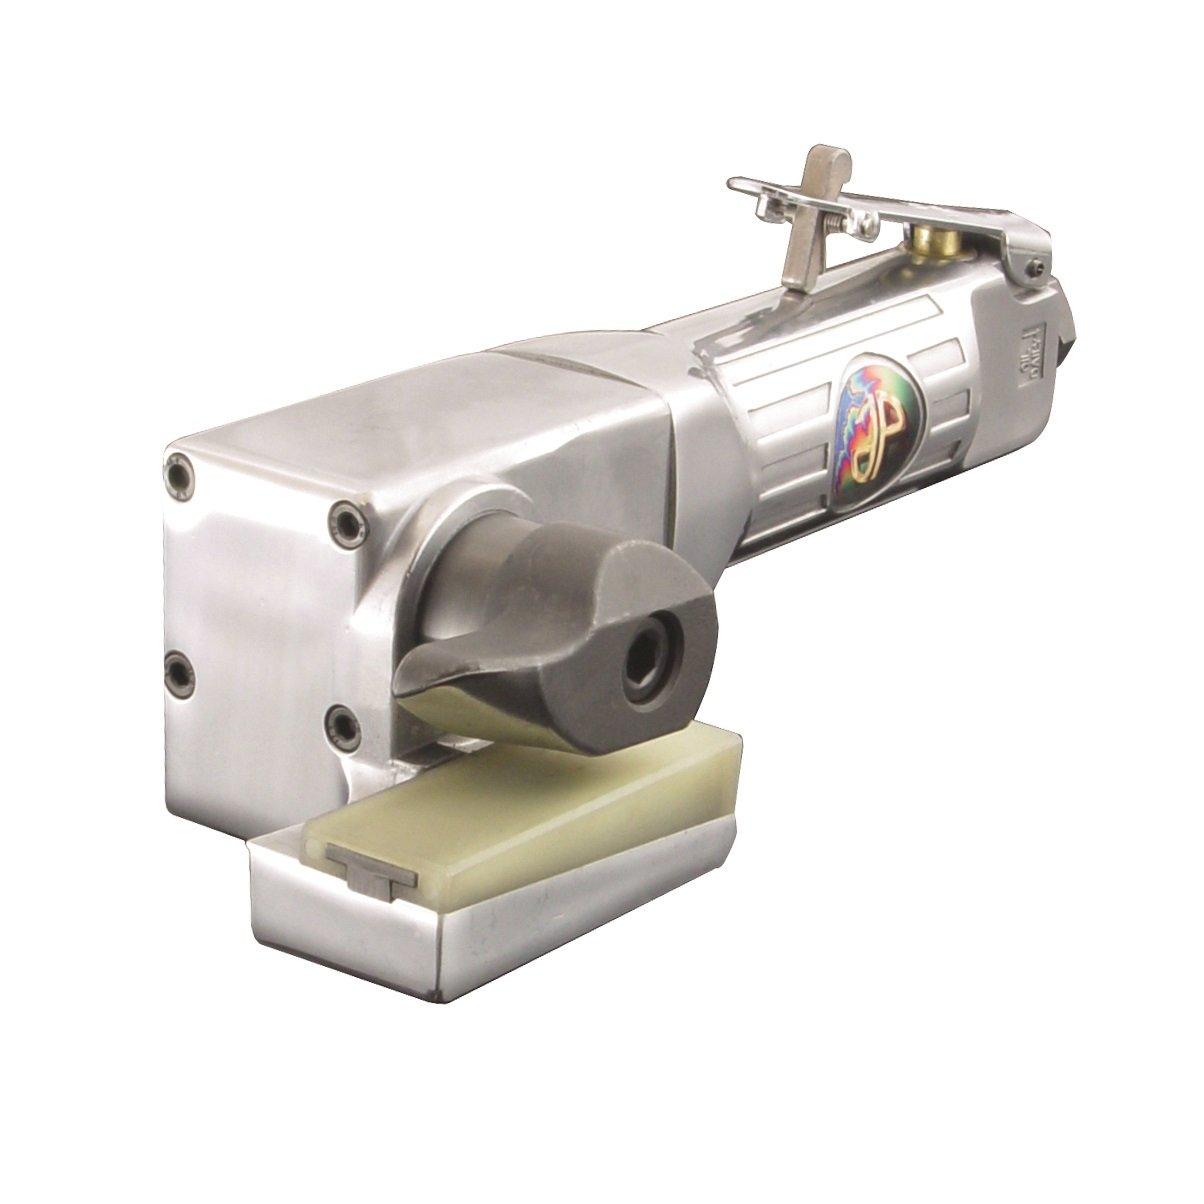 Astro DS1000 Pneumatic Door Skinning Tool